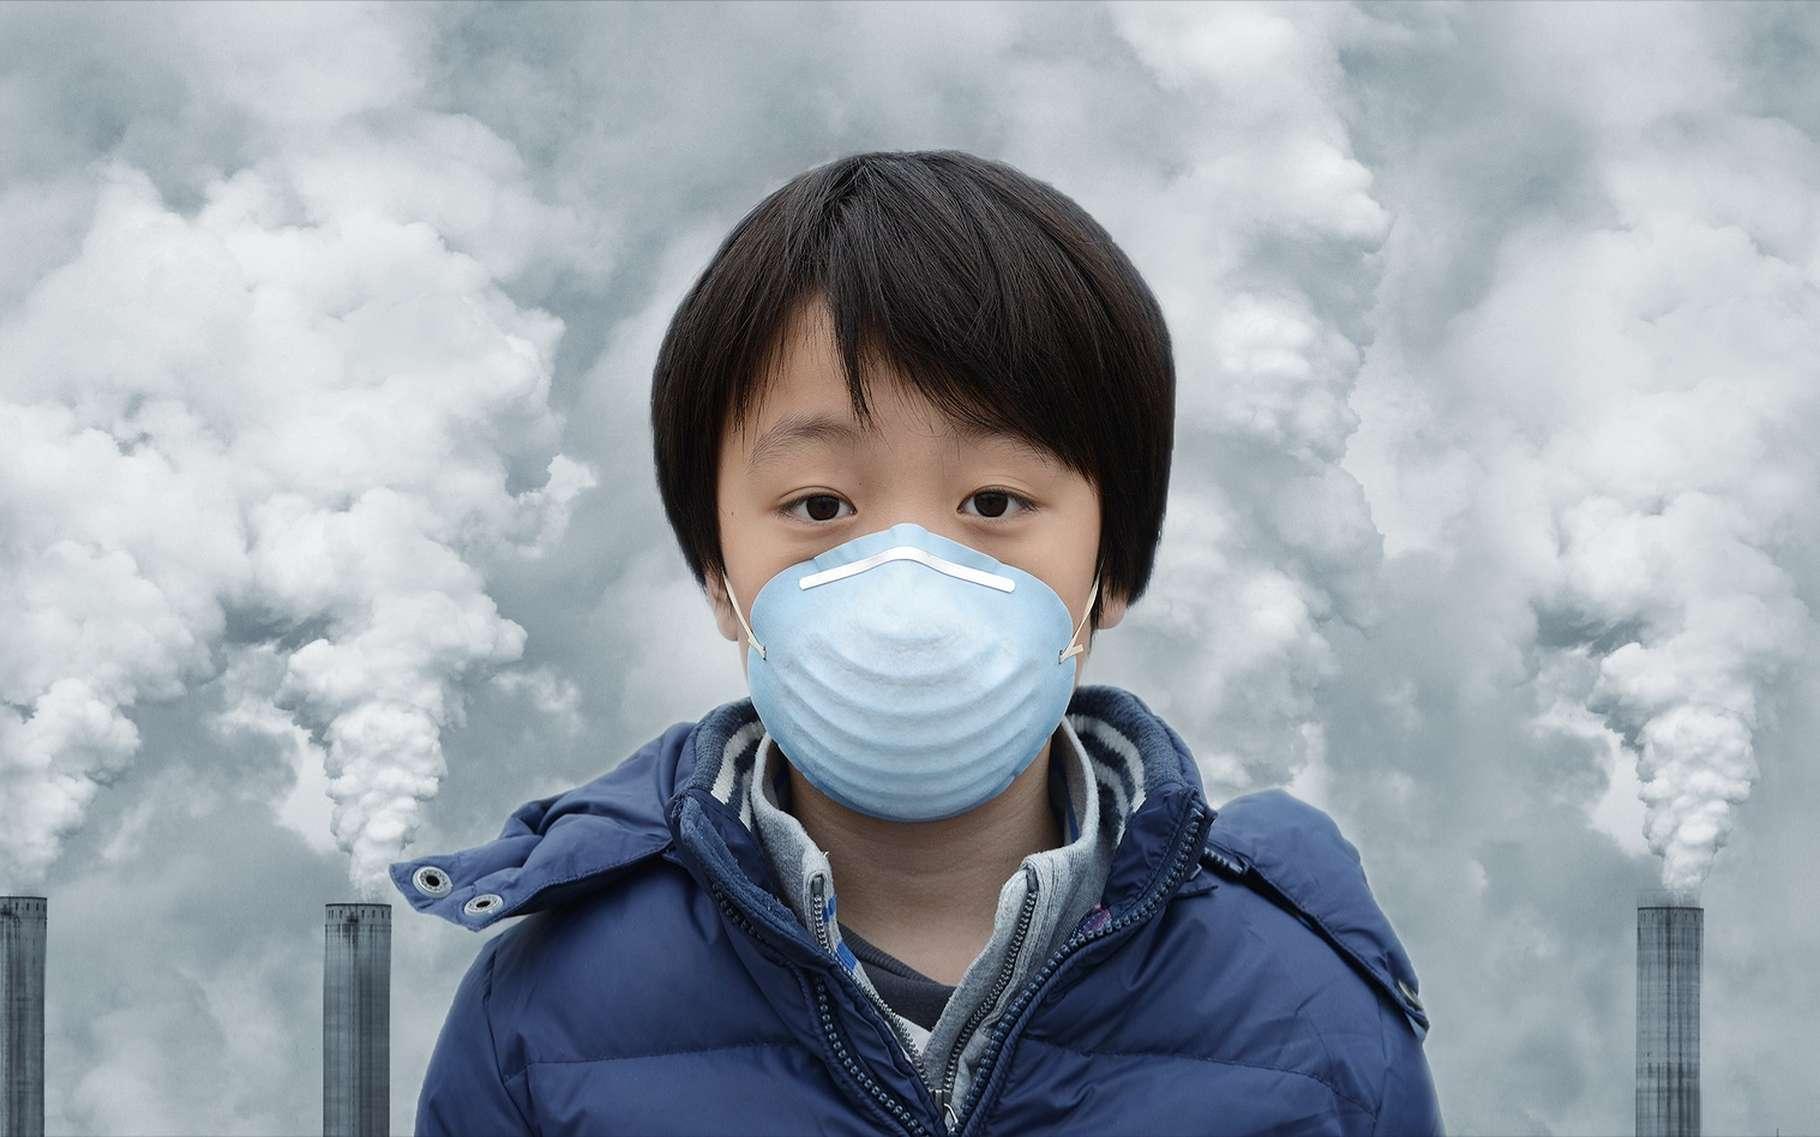 La pollution de l'air atmosphérique touche particulièrement des enfants vivant en Asie. © Hung Chung Chih, Shutterstock